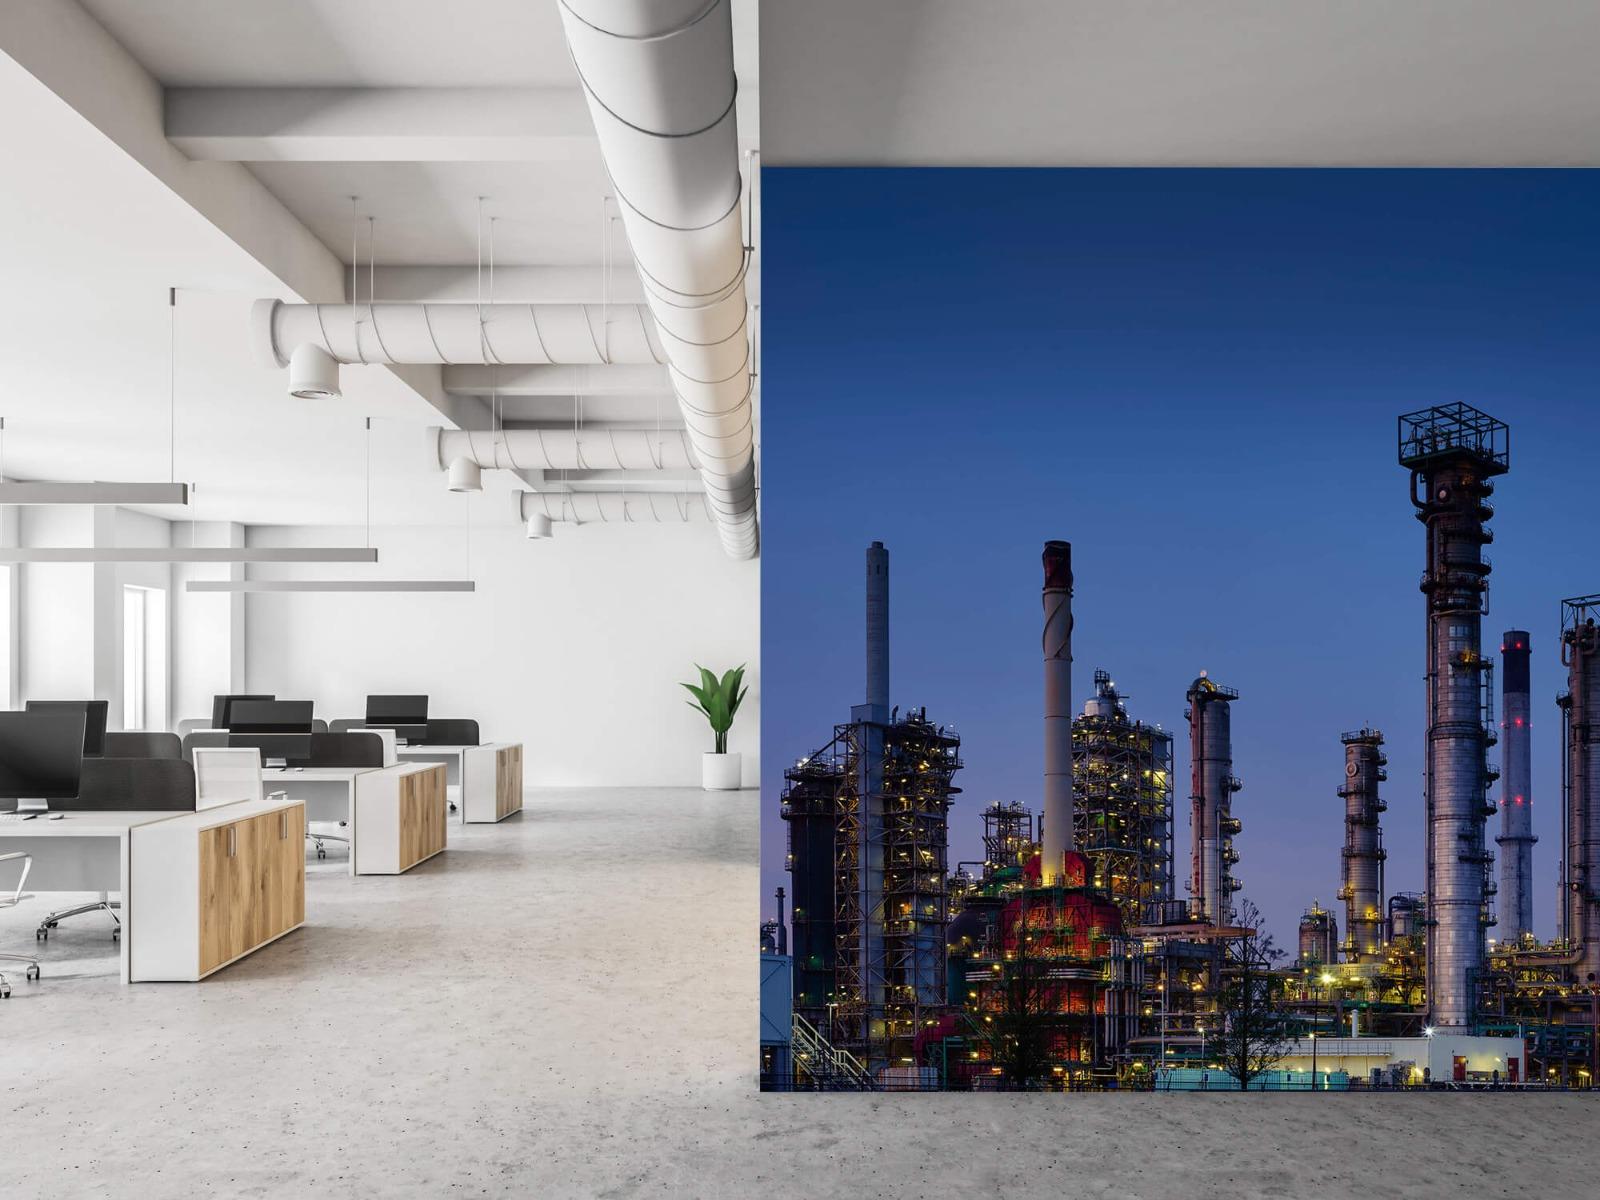 Steden behang - Industrie Botlek - Hobbykamer 21